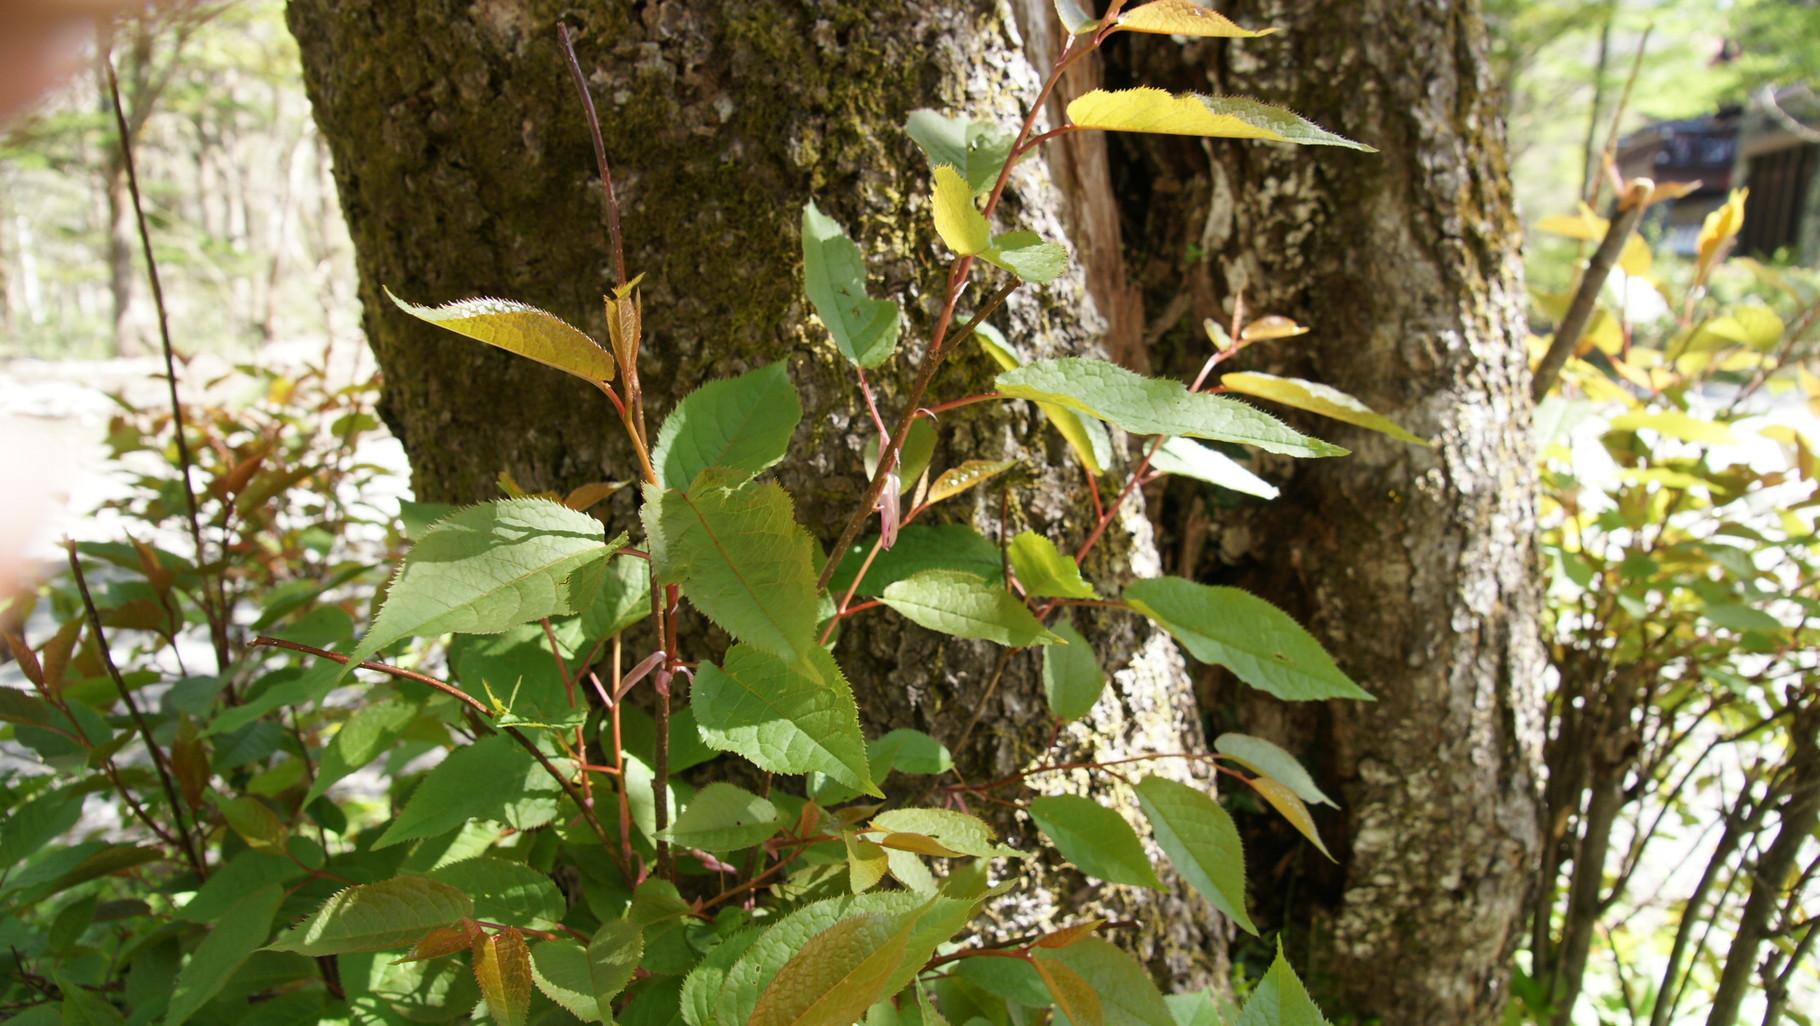 シウリザクラ(枝折桜)についている芽鱗(がりん)、冬の間芽を包んで守っている、ピンク色できれい。